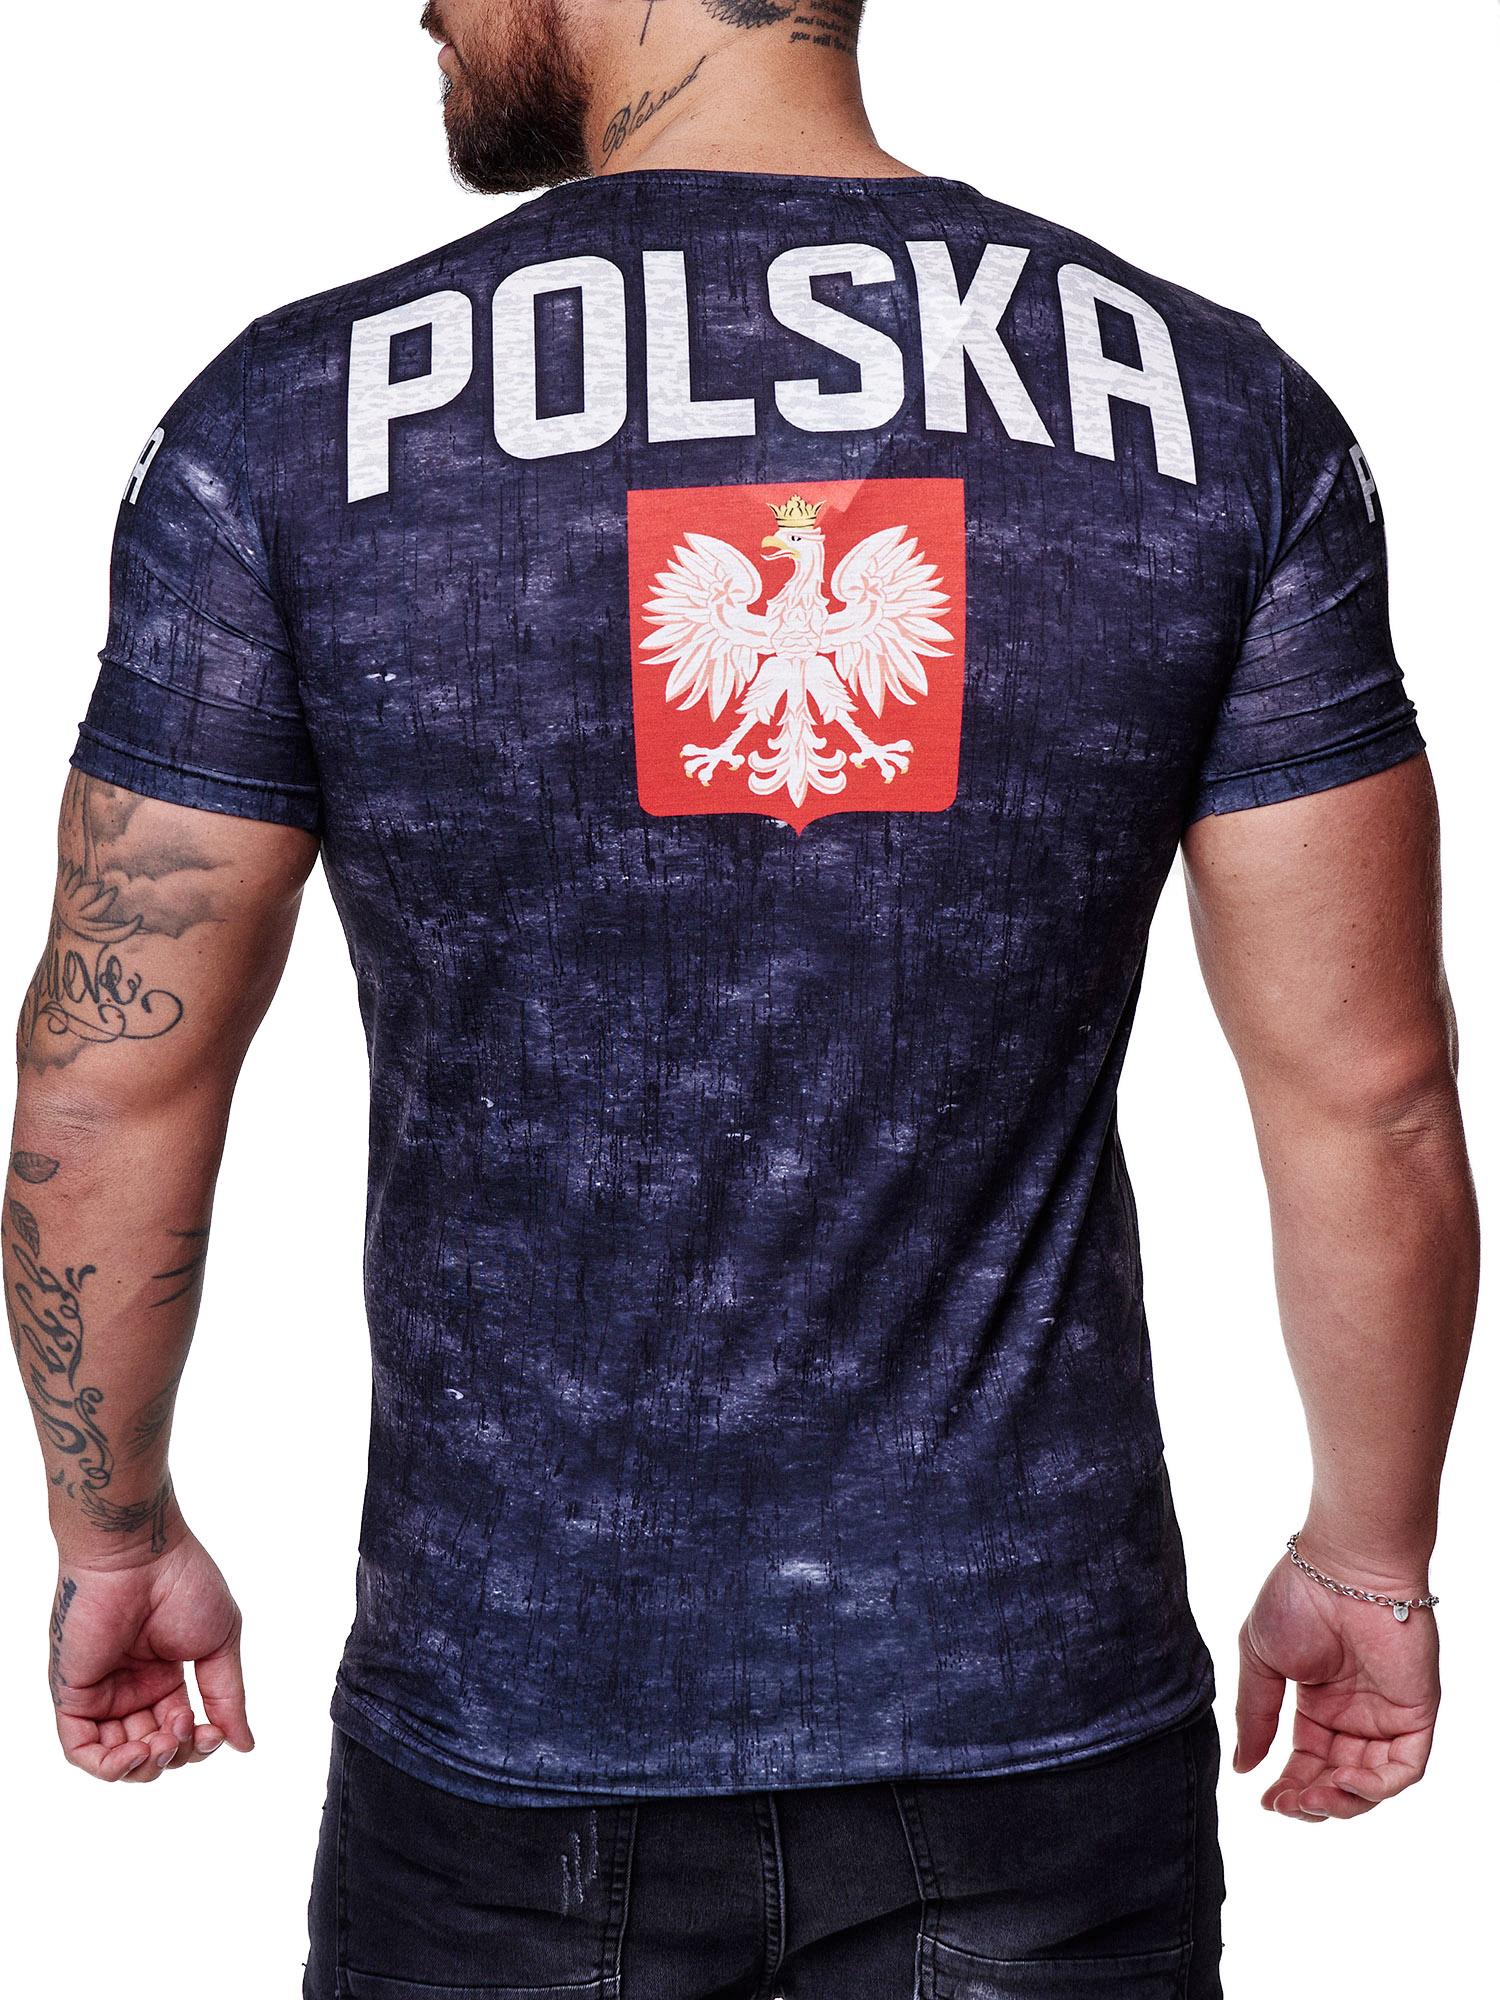 Paesi-da-Donna-T-shirt-A-Maniche-Corte-Girocollo-donne-CALCIO-Fanshirt-John-Kayna miniatura 95